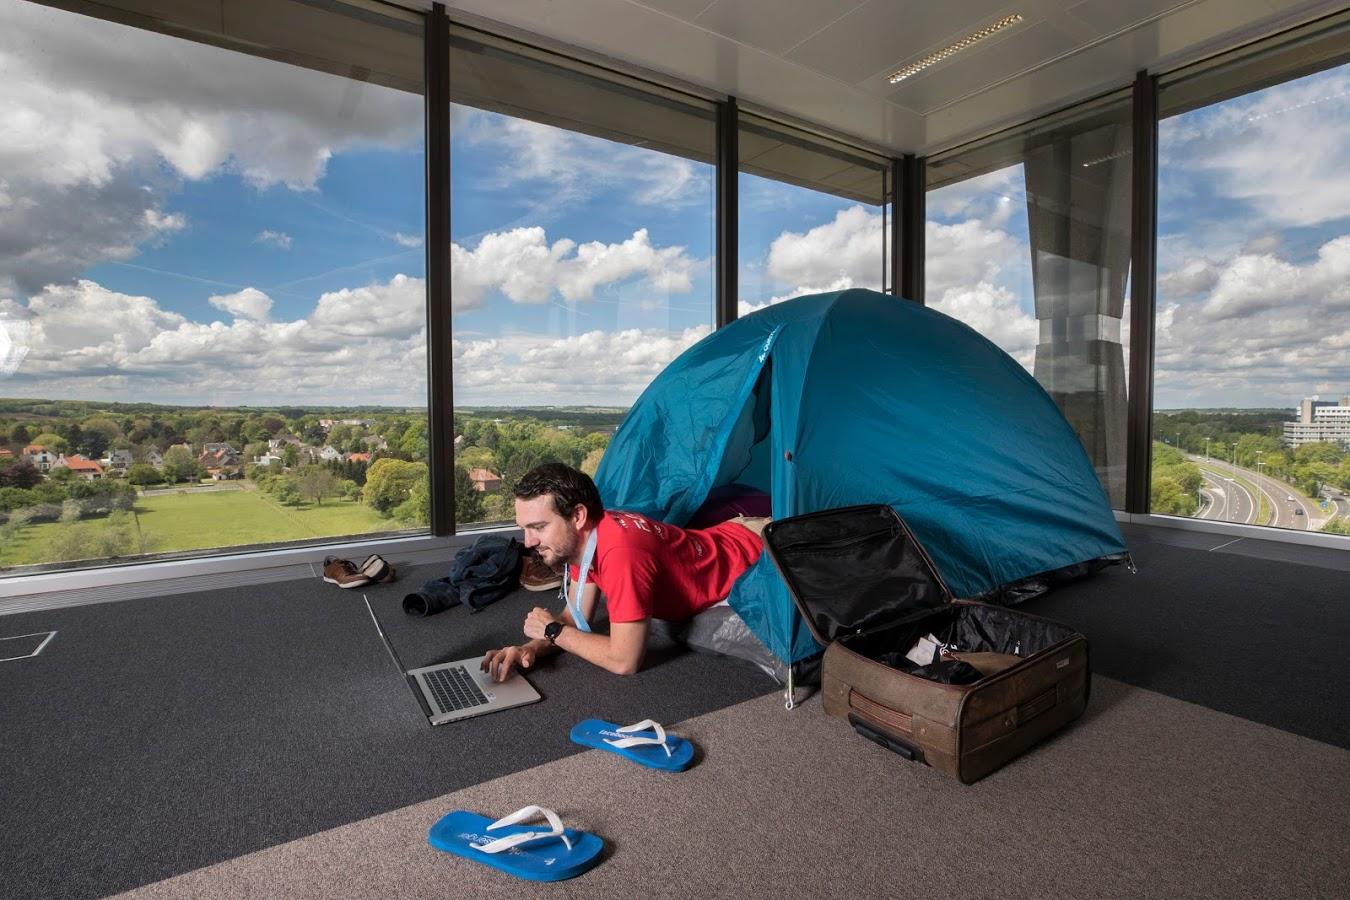 130517, Heerlen: hackathon, www.hack4smartservices.com. Foto: Marcel van Hoorn.